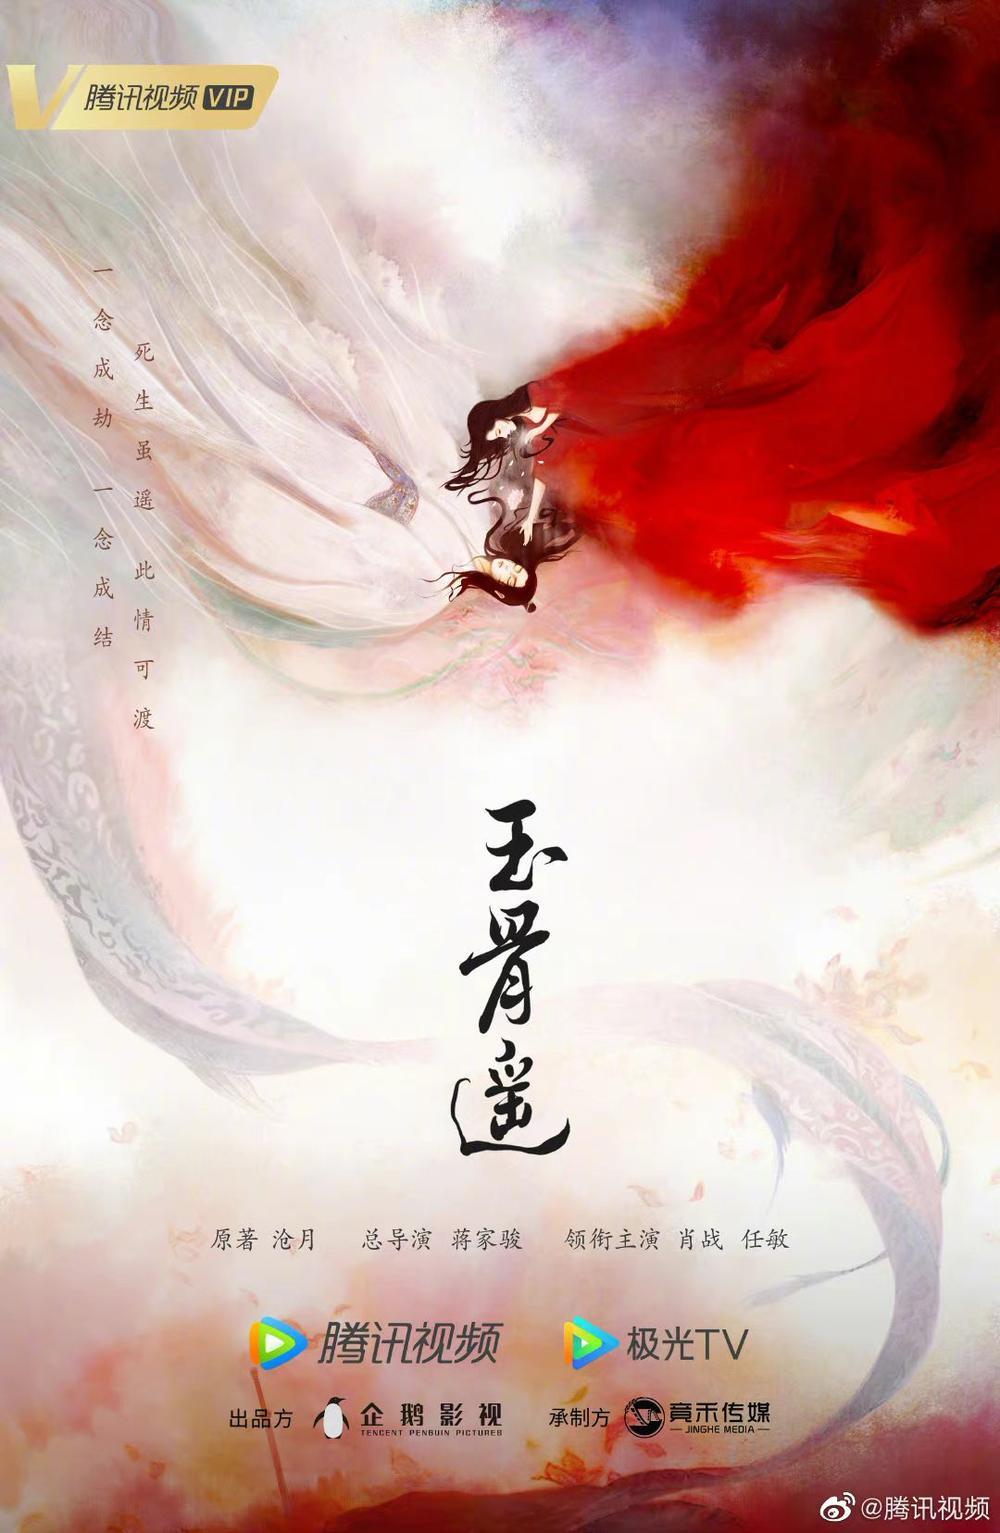 Phim của Tiêu Chiến chỉ mới khai máy đã 'đè bẹp' bom tấn đam mỹ của Cung Tuấn Ảnh 5